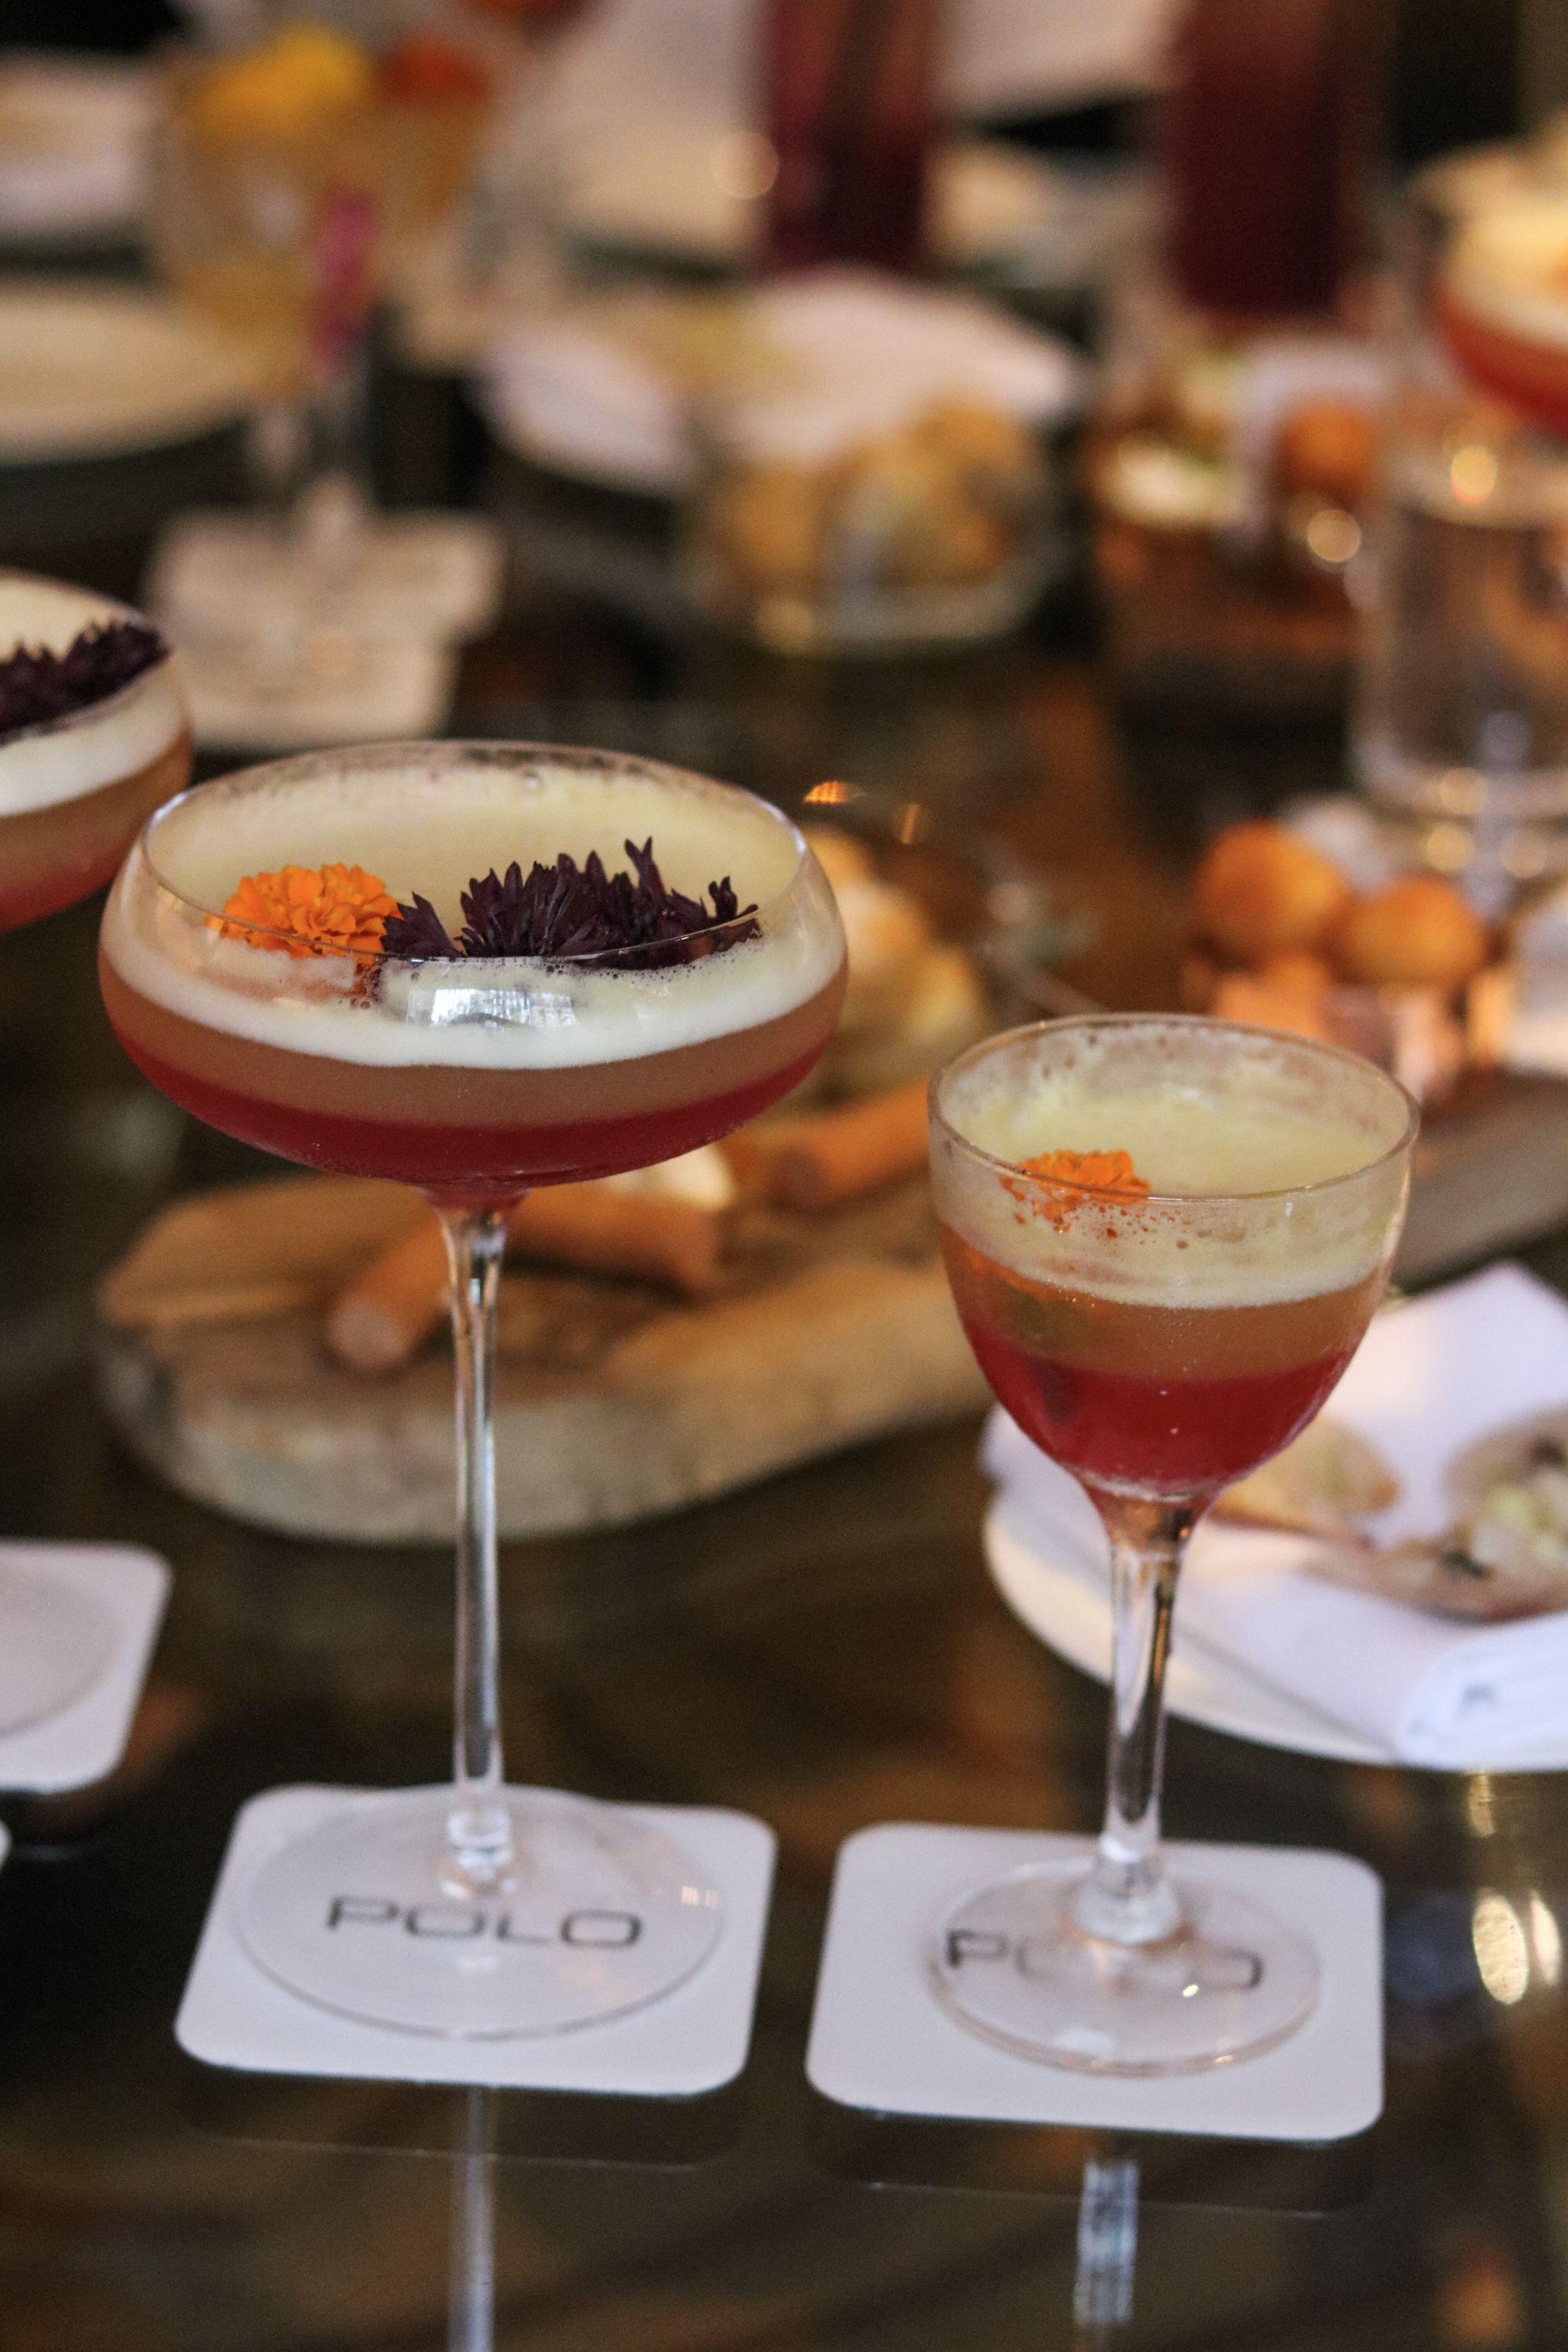 The Polo Bar, The Westbury Mayfair